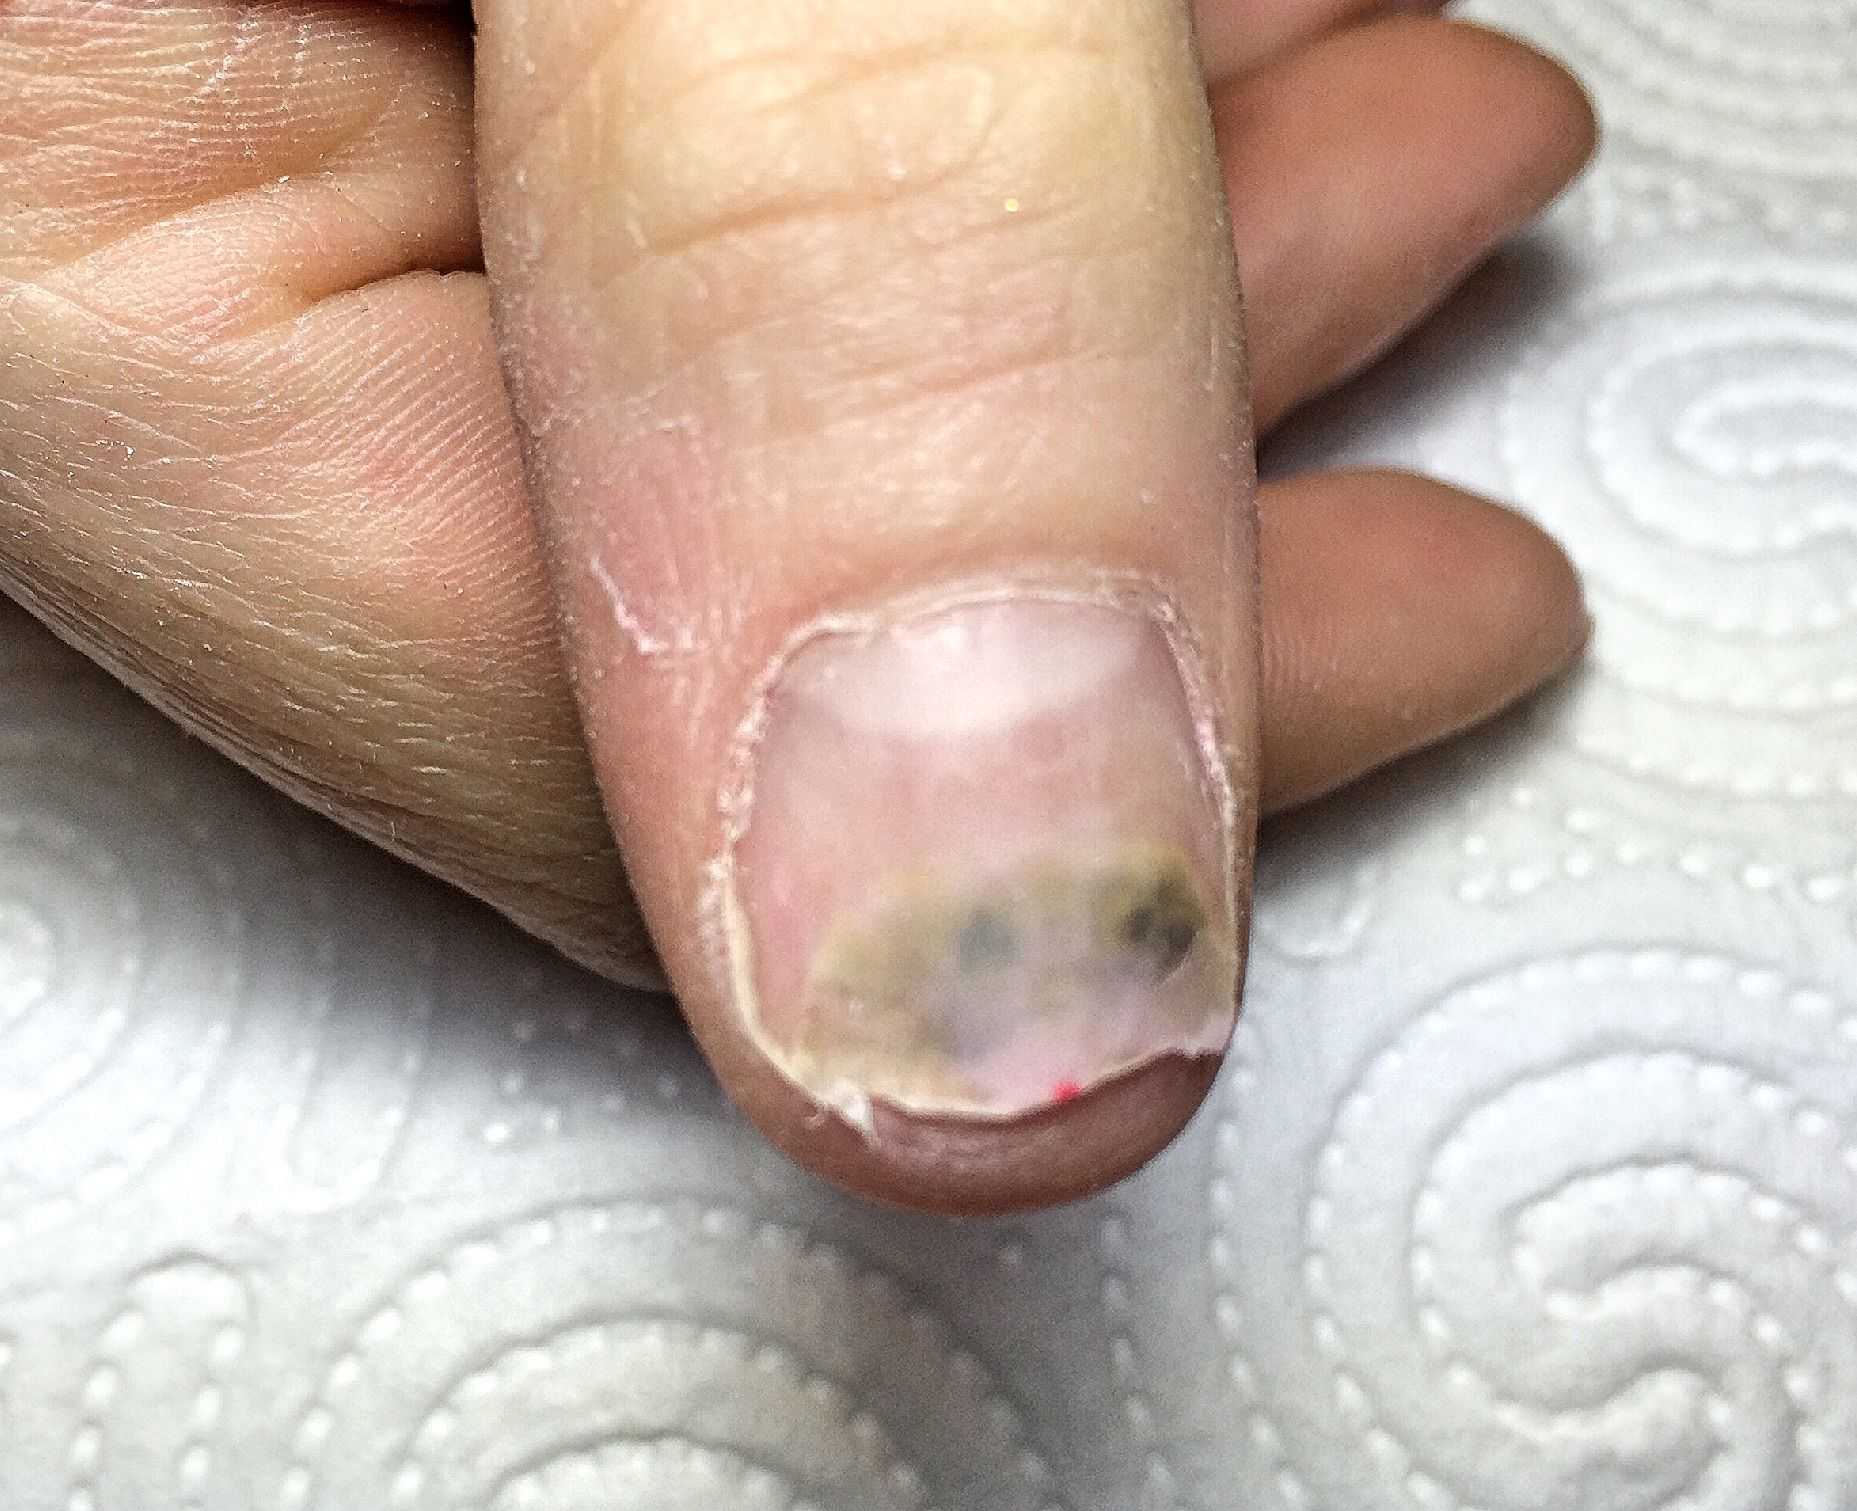 Vuoto sotto ununghia su un trattamento di pollice a mano